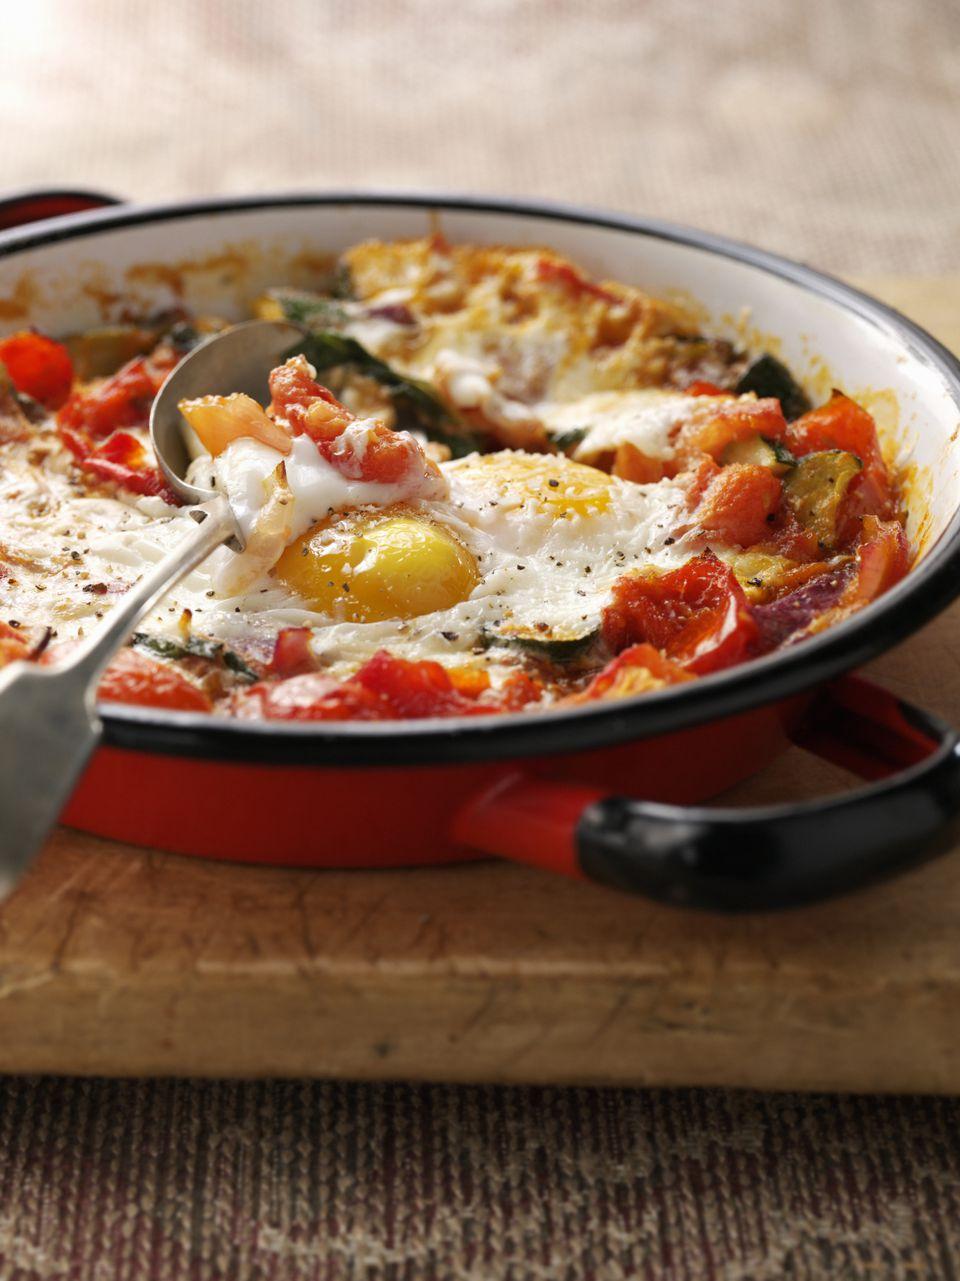 Spanish baked eggs recipe: huevos a la flamenca or flamenco eggs